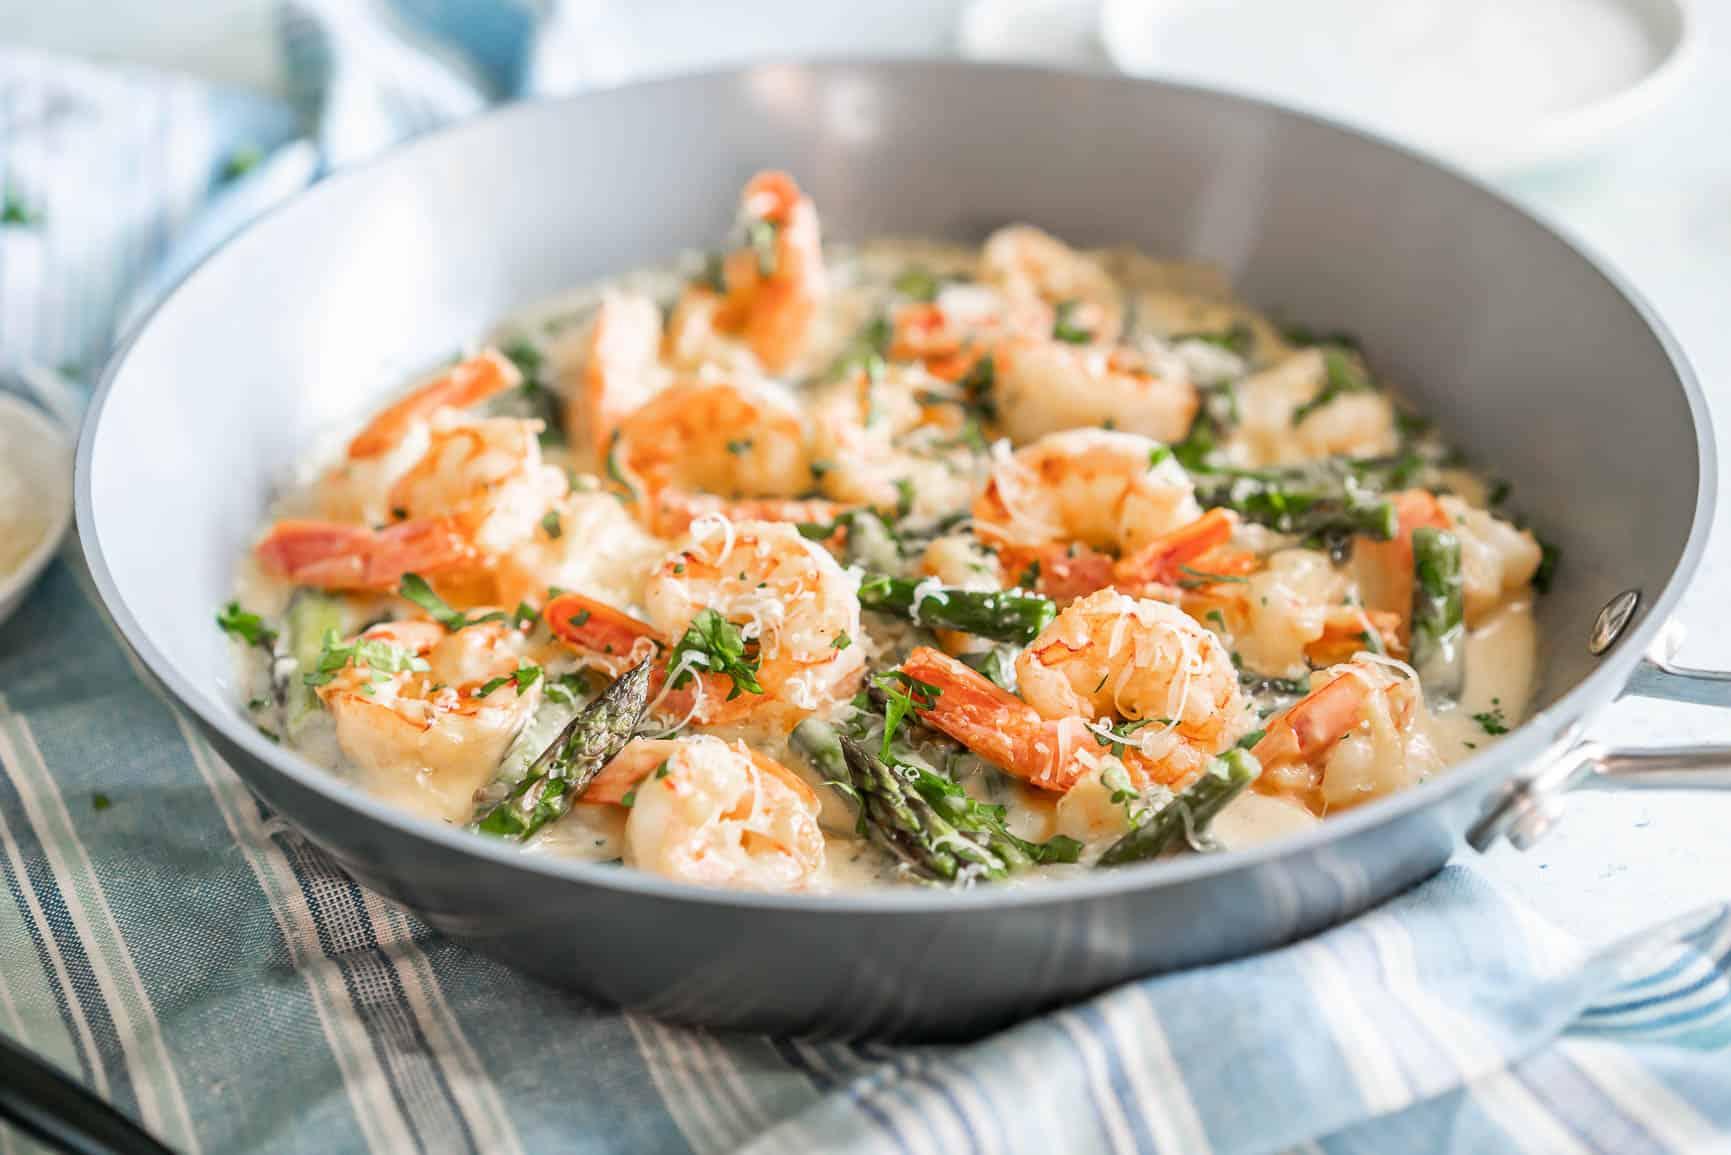 Creamy Asparagus and Shrimp Alfredo